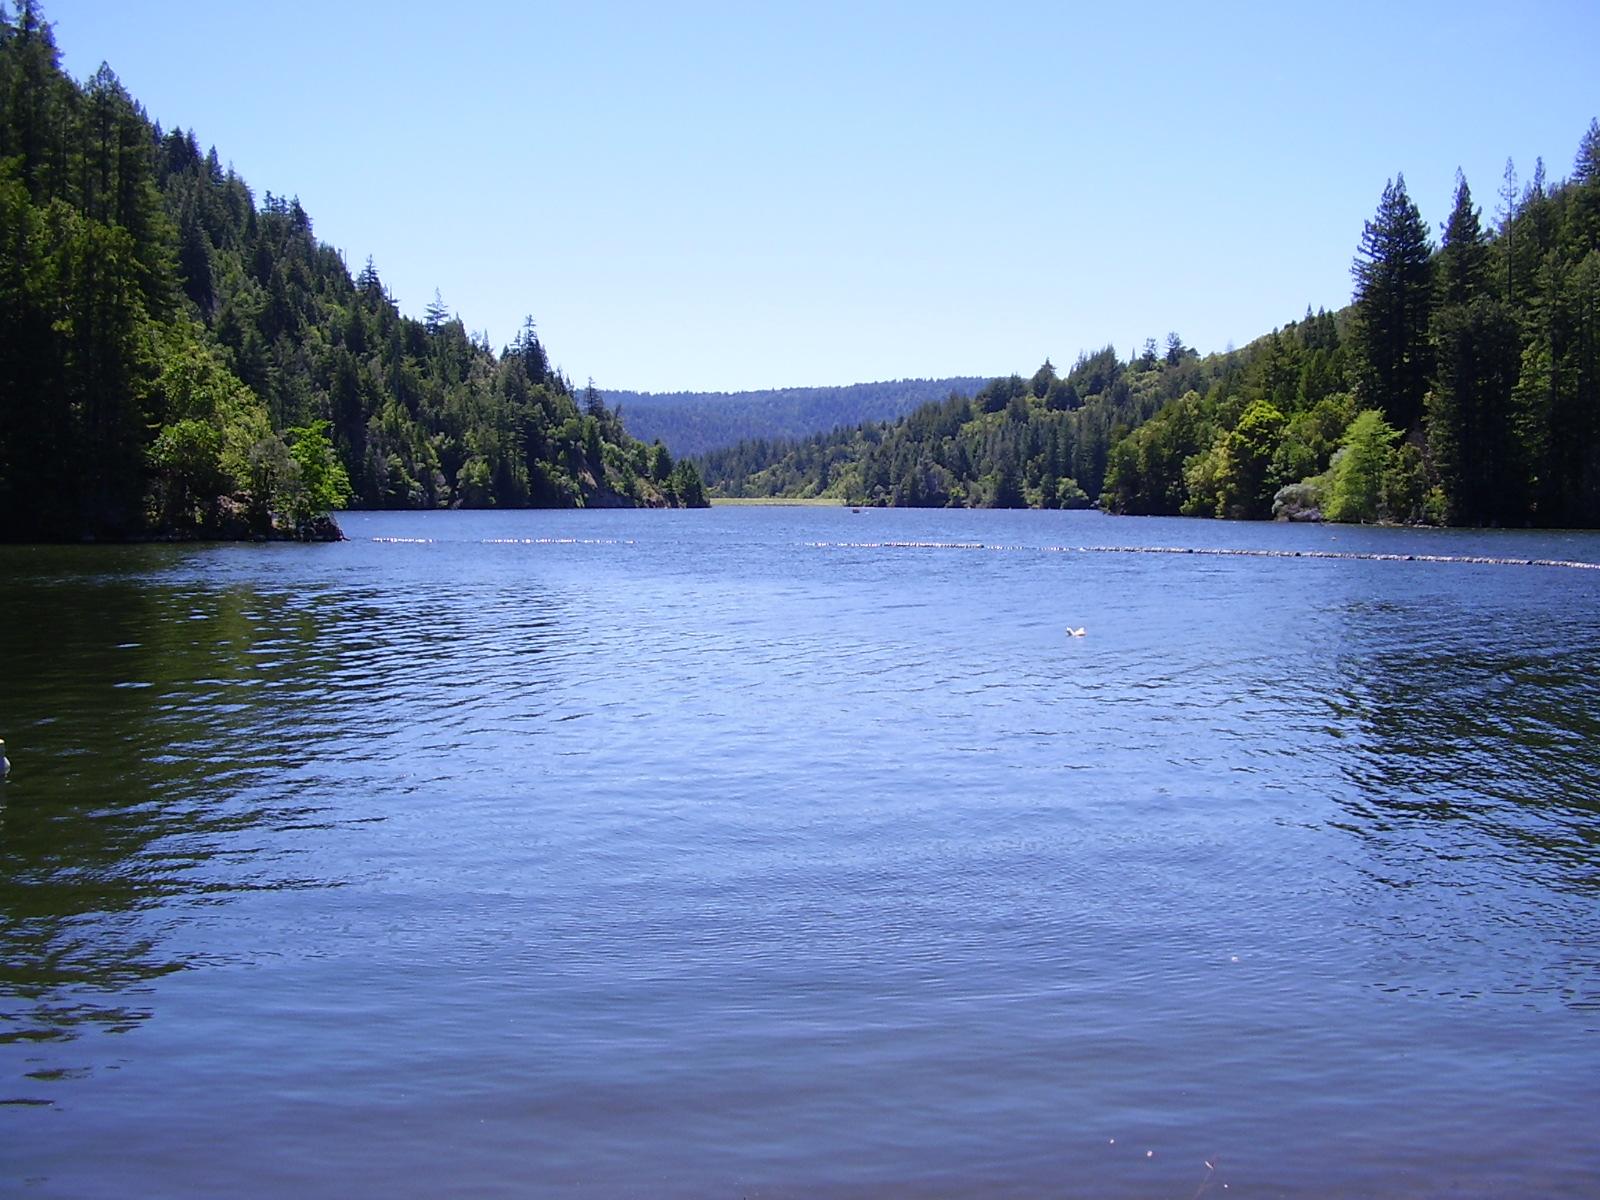 Loch lomond felton ca santa cruz county kristin leal for Loch lomond fishing